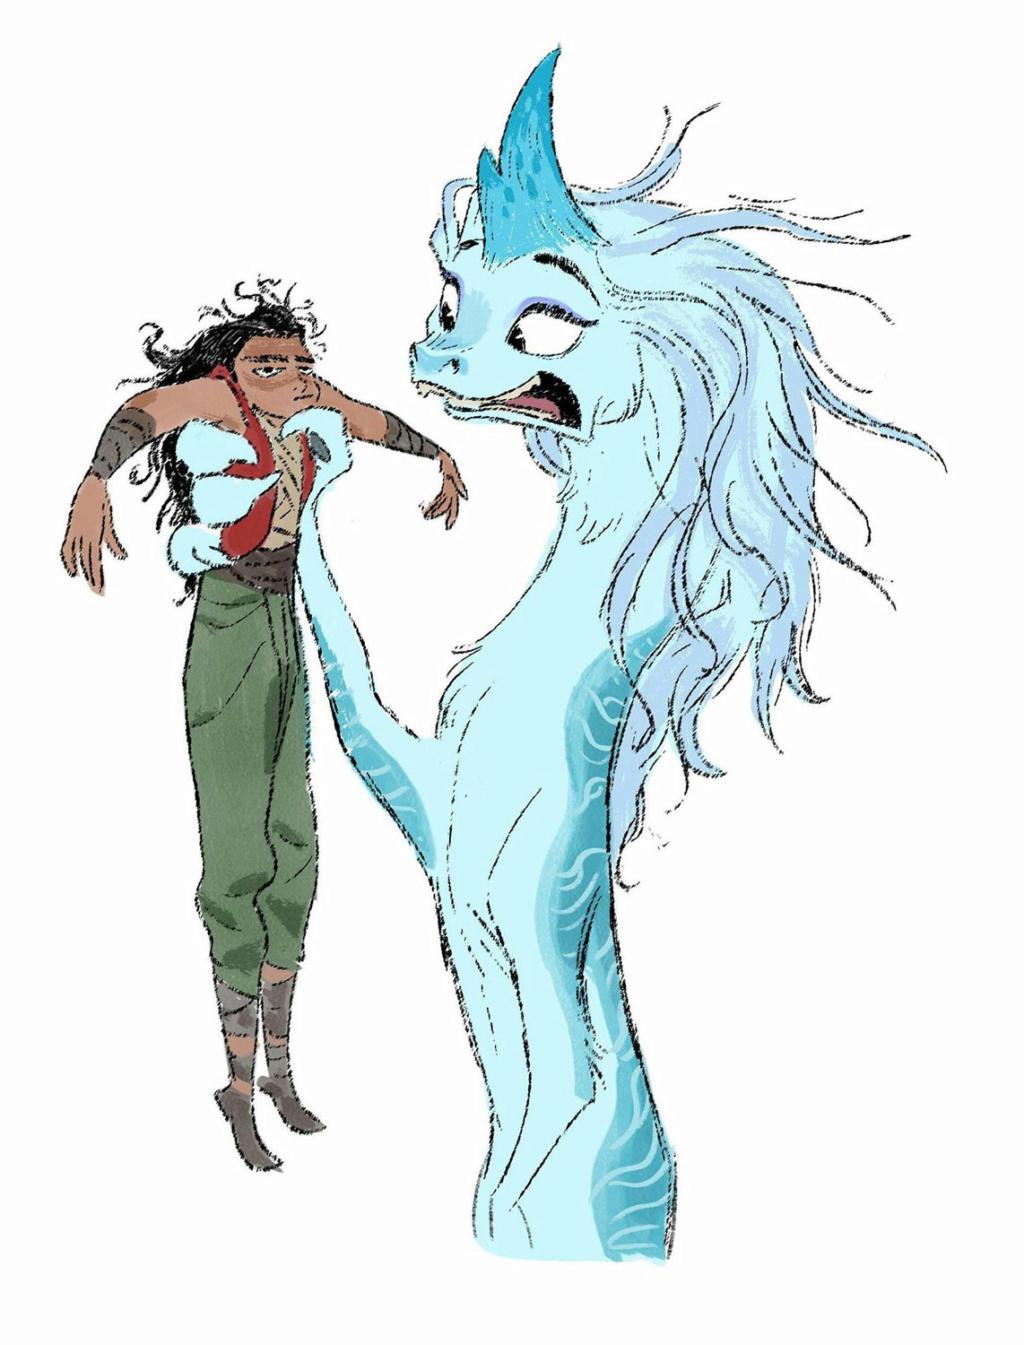 Raya et le Dernier Dragon [Walt Disney - 2021] - Page 14 Raya_215